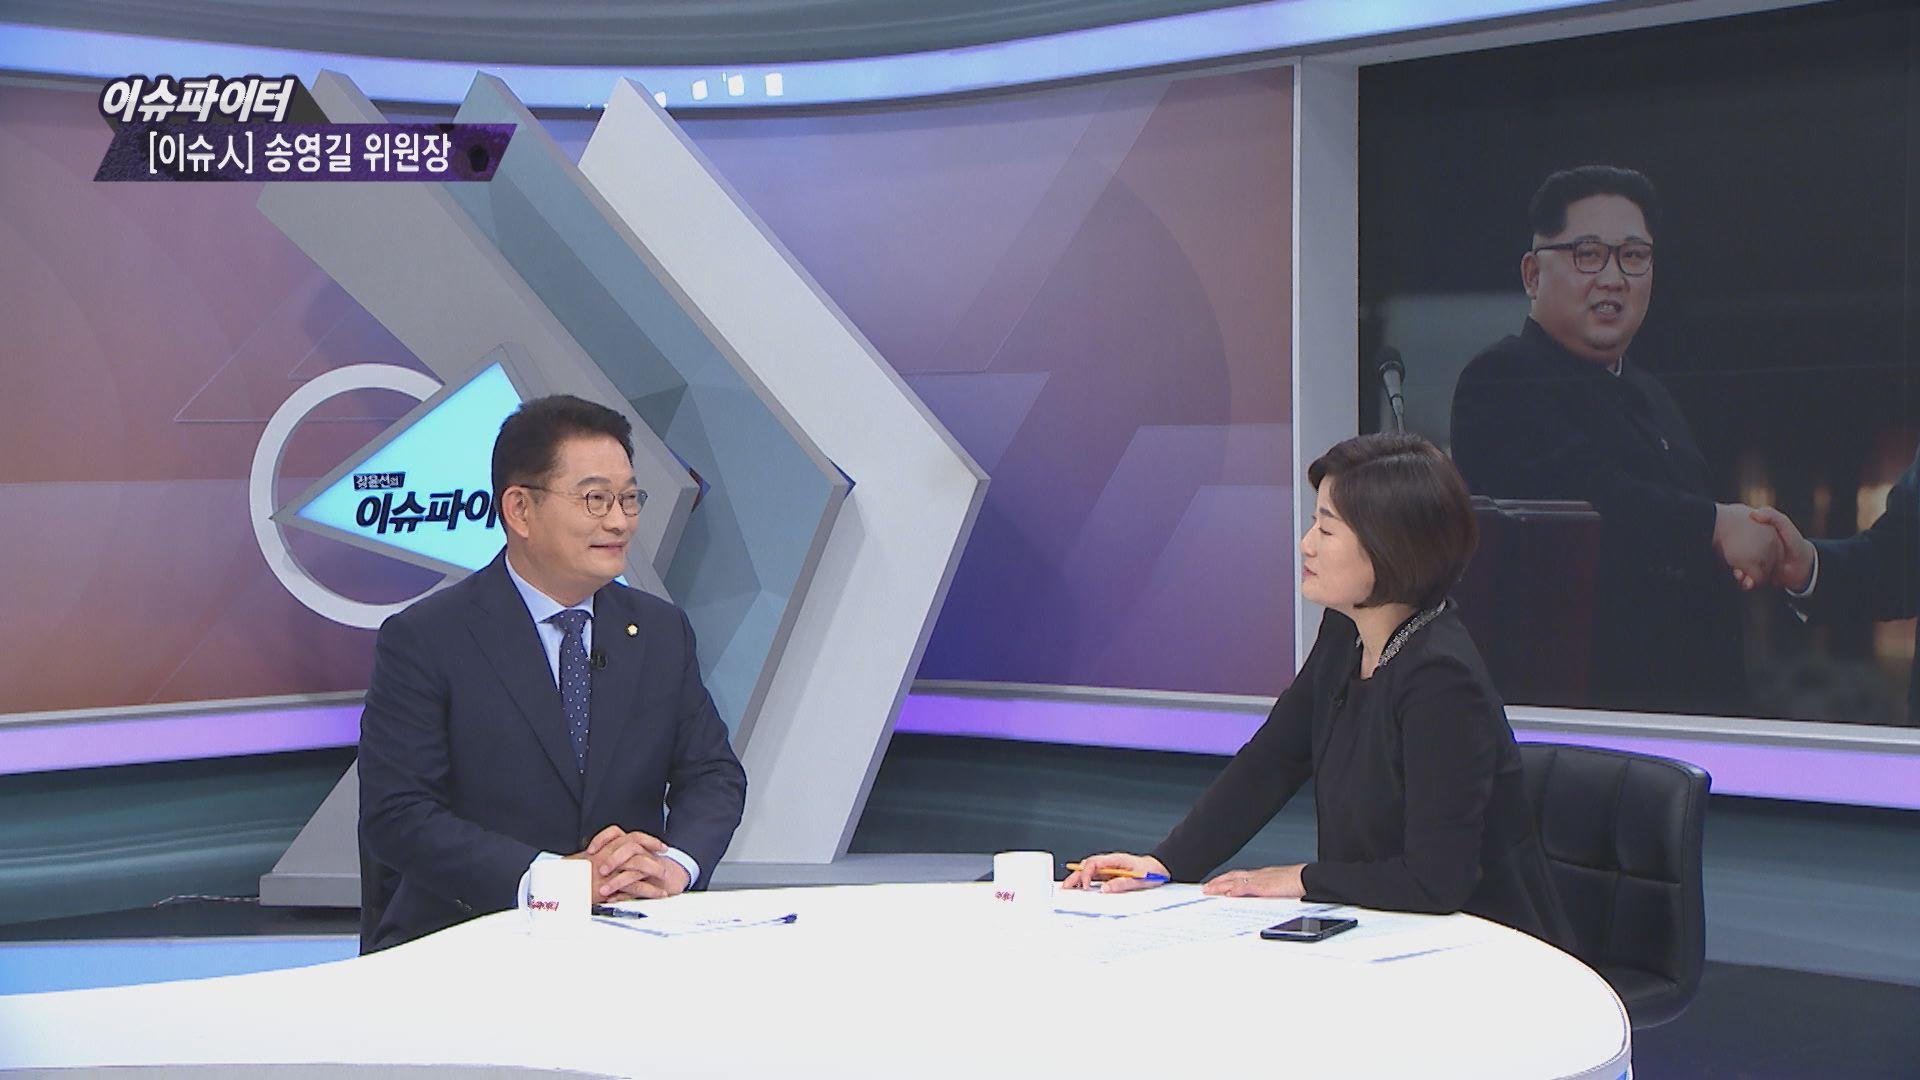 tbsTV 장윤선의 이슈파이터에 출연한 송영길 더불어민주당 의원